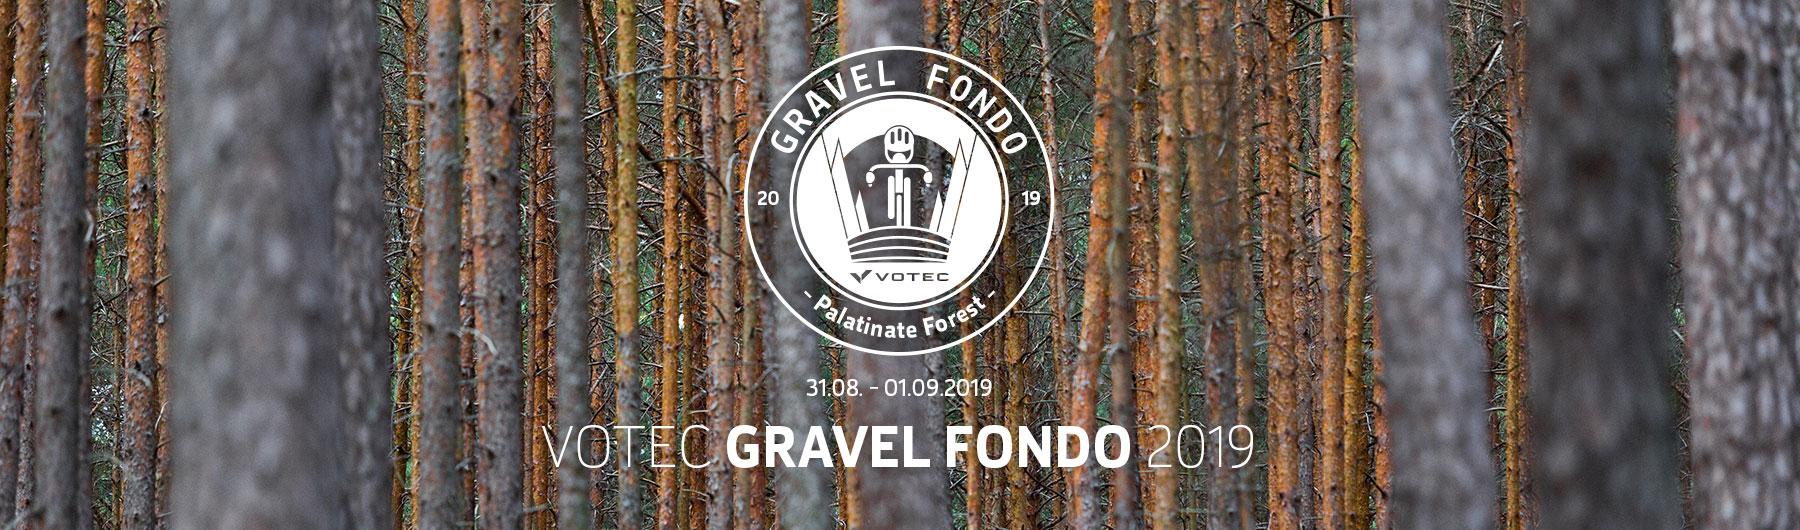 VOTEC Gravelfondo 2019